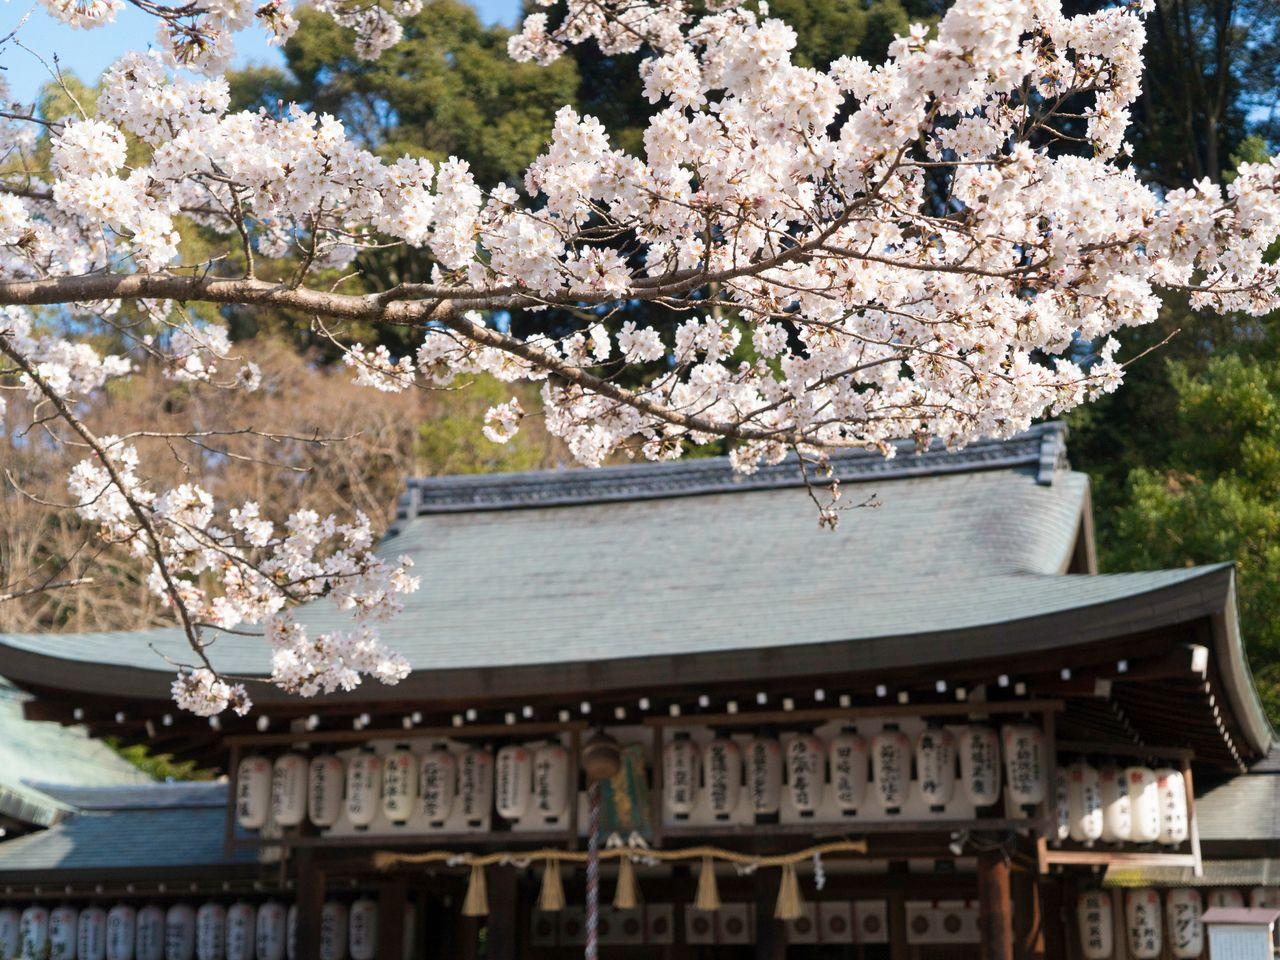 「哲学の道」の桜をくぐり抜け「熊野若王子神社」へ:京都・桜の名所巡り